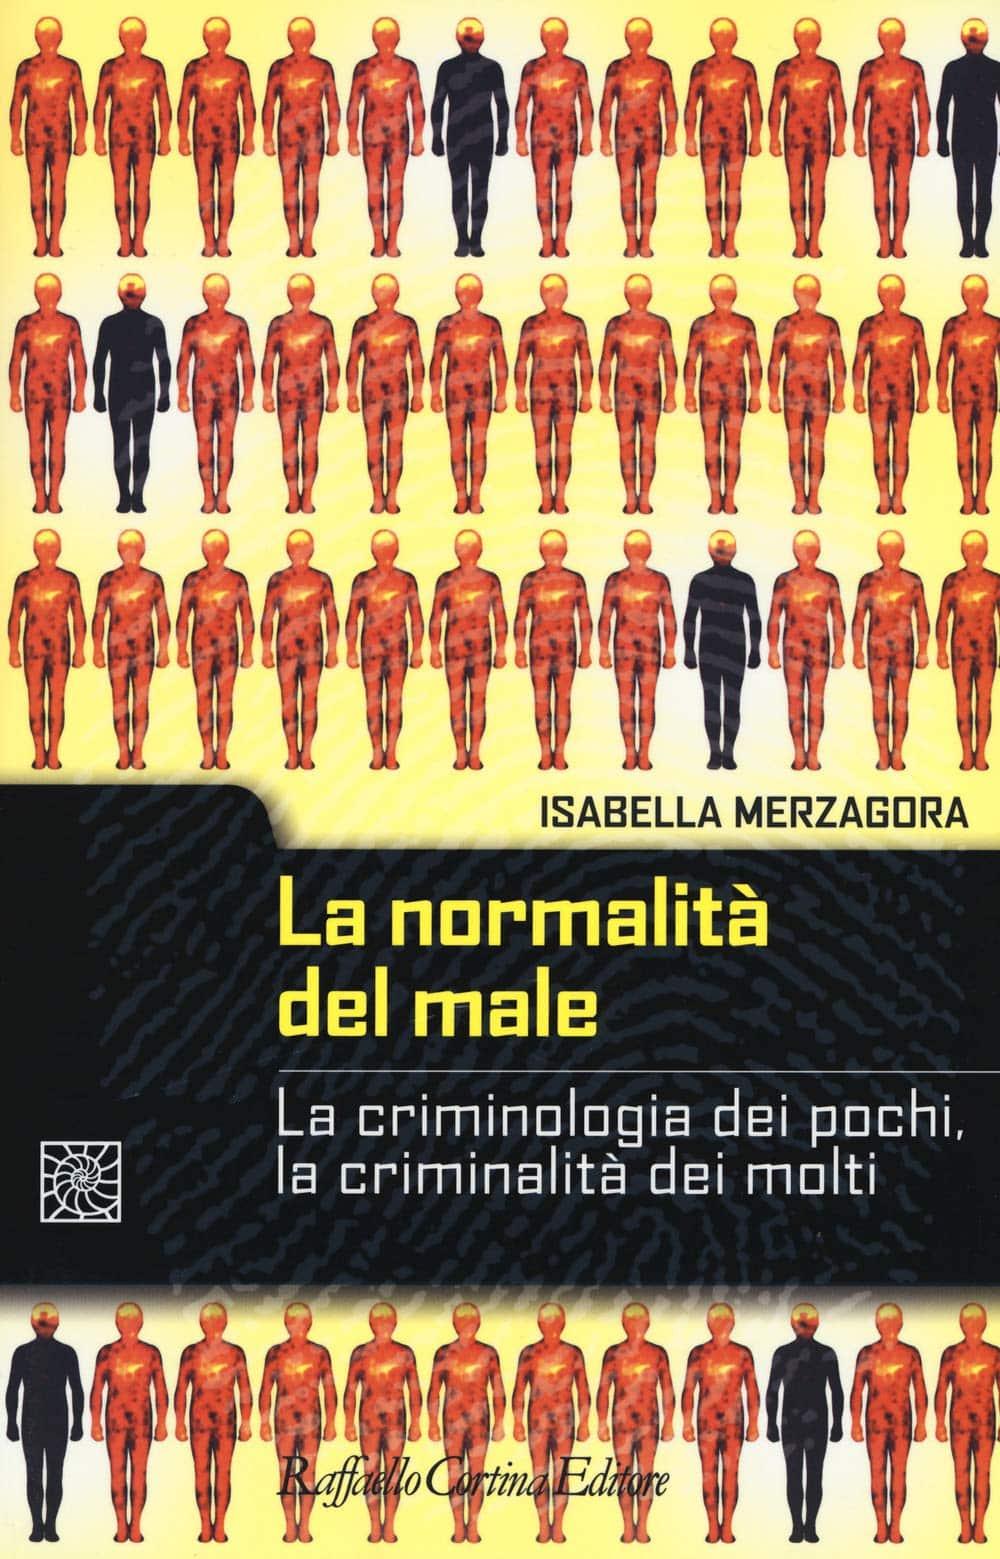 La normalità del male – La criminologia dei pochi, la criminalità dei molti (2019) di I. Merzagora – Recensione del libro